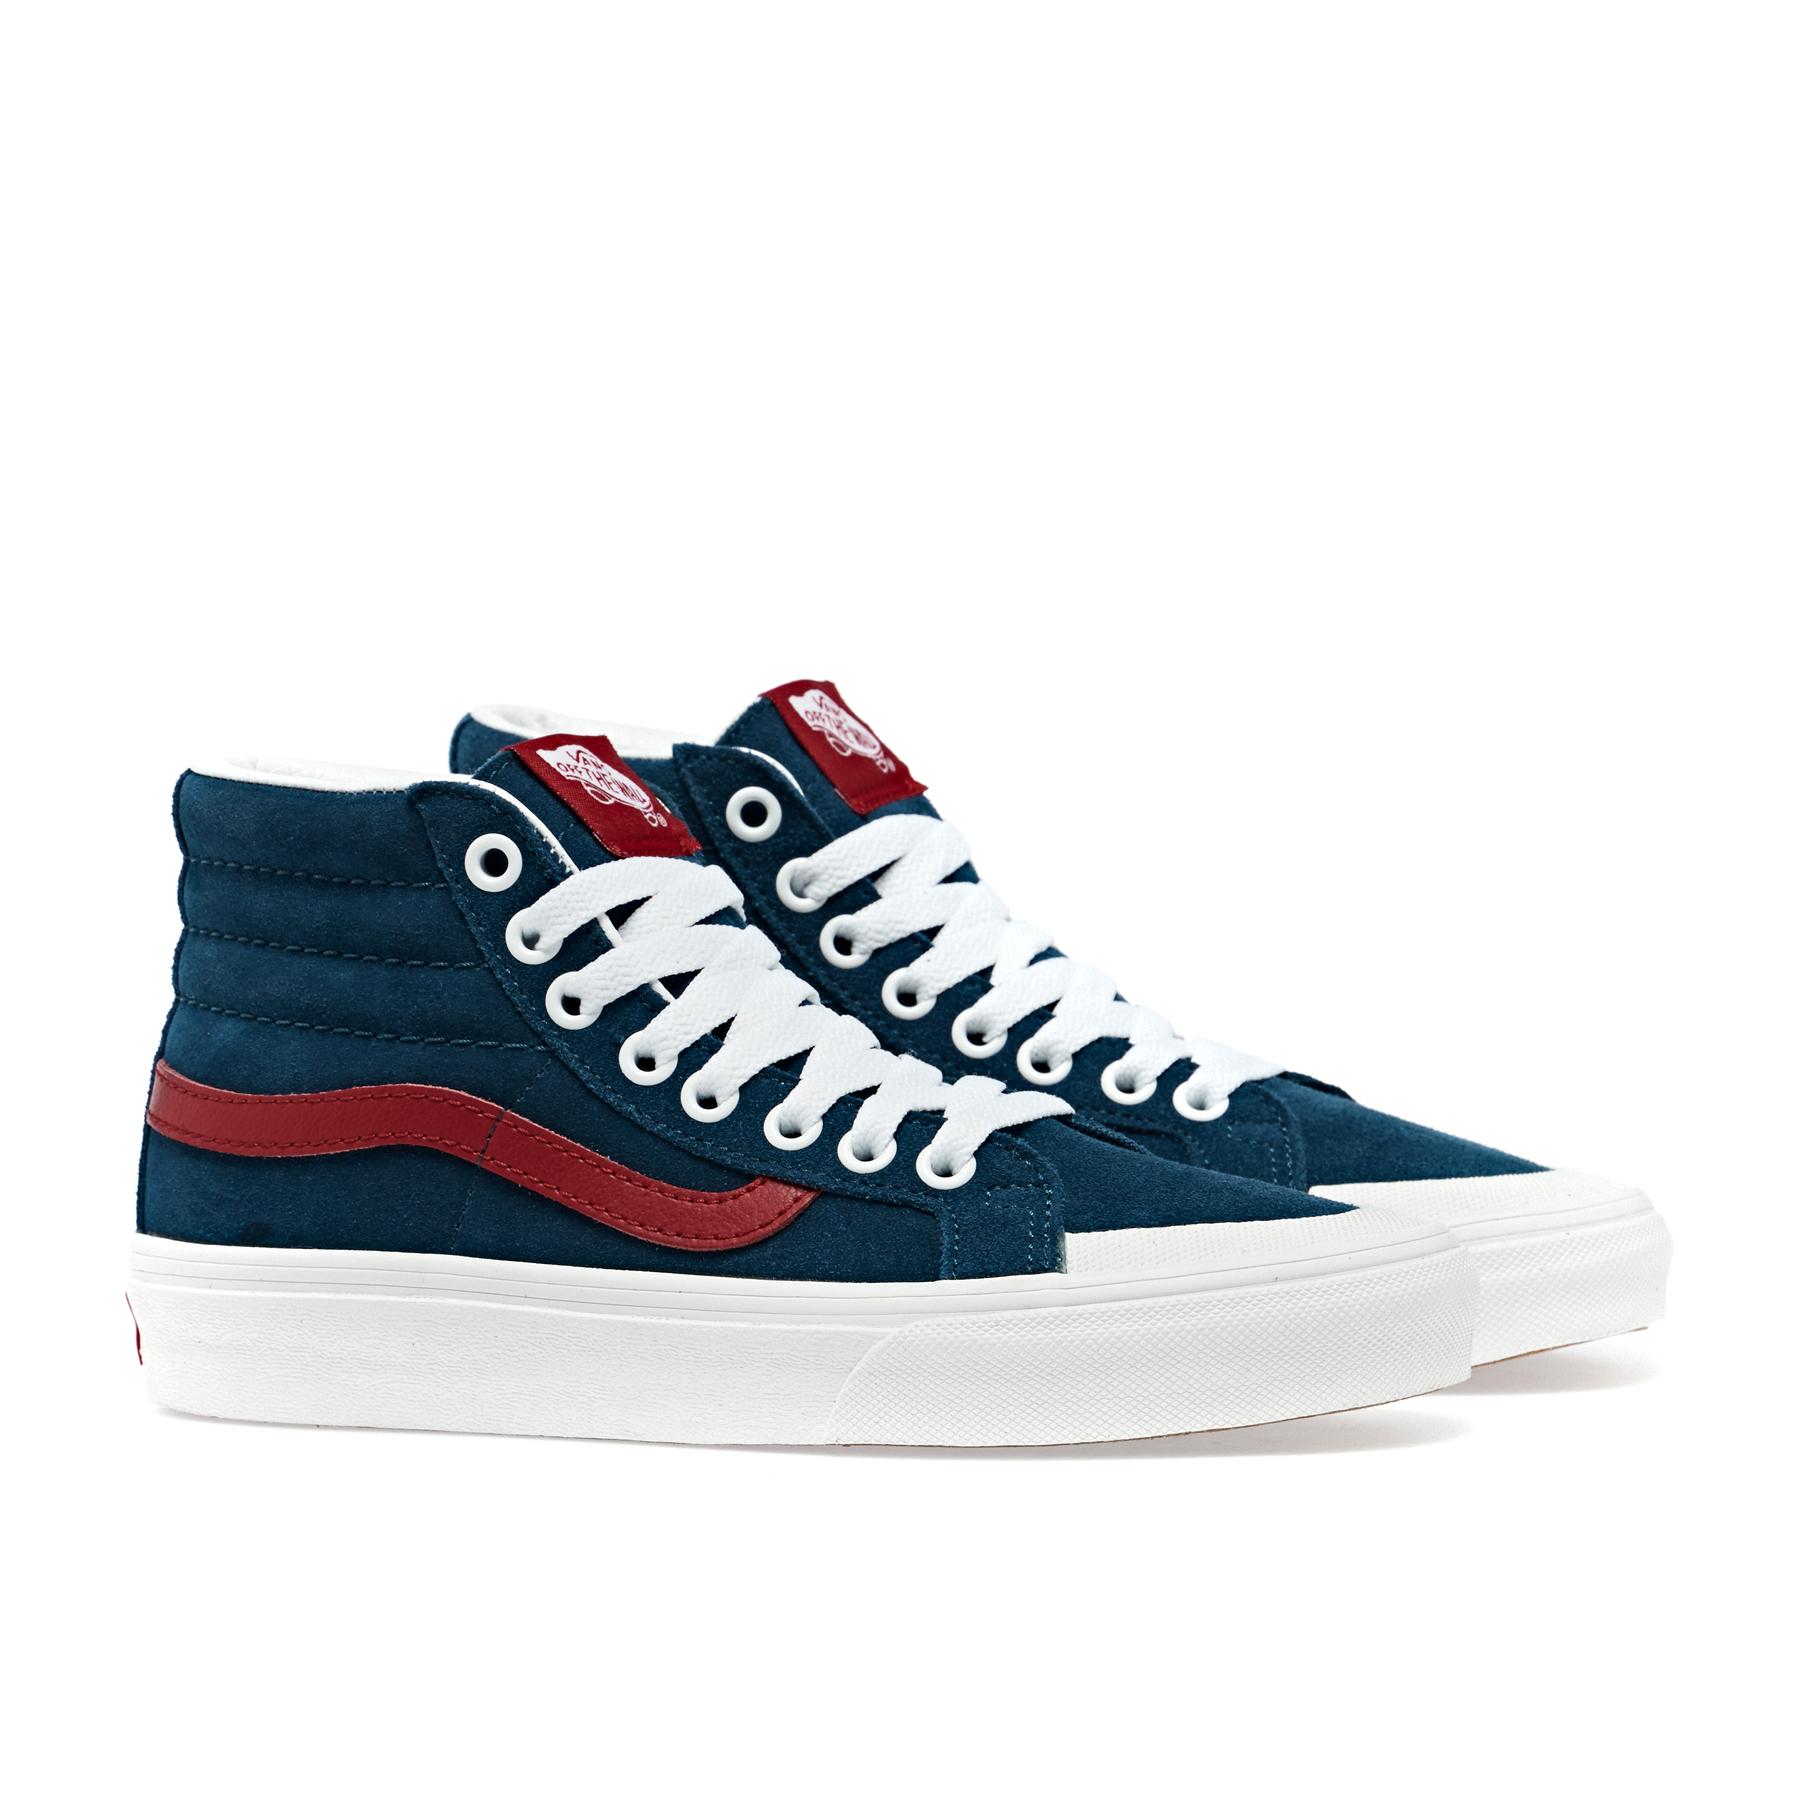 Sapatos Vans Sk8 Hi Reissue 138 Envio Grátis* com as nossas